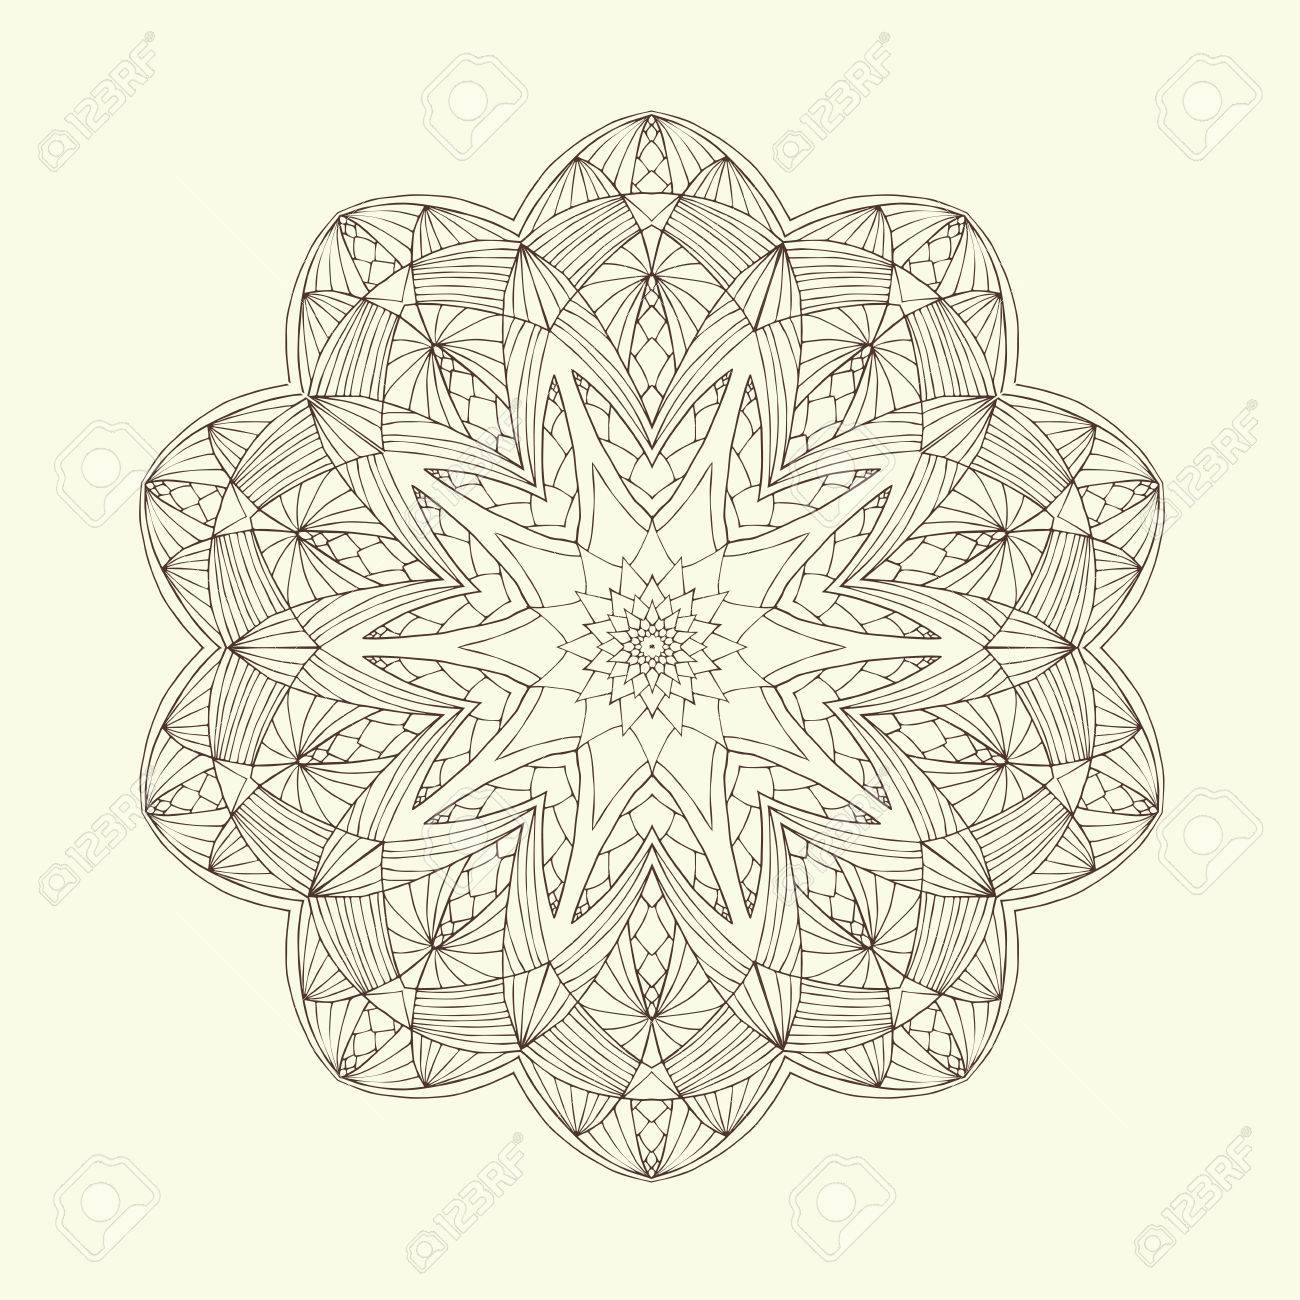 Mandala. Elementos Decorativos Florales étnicos Abstractos. Dibujado ...